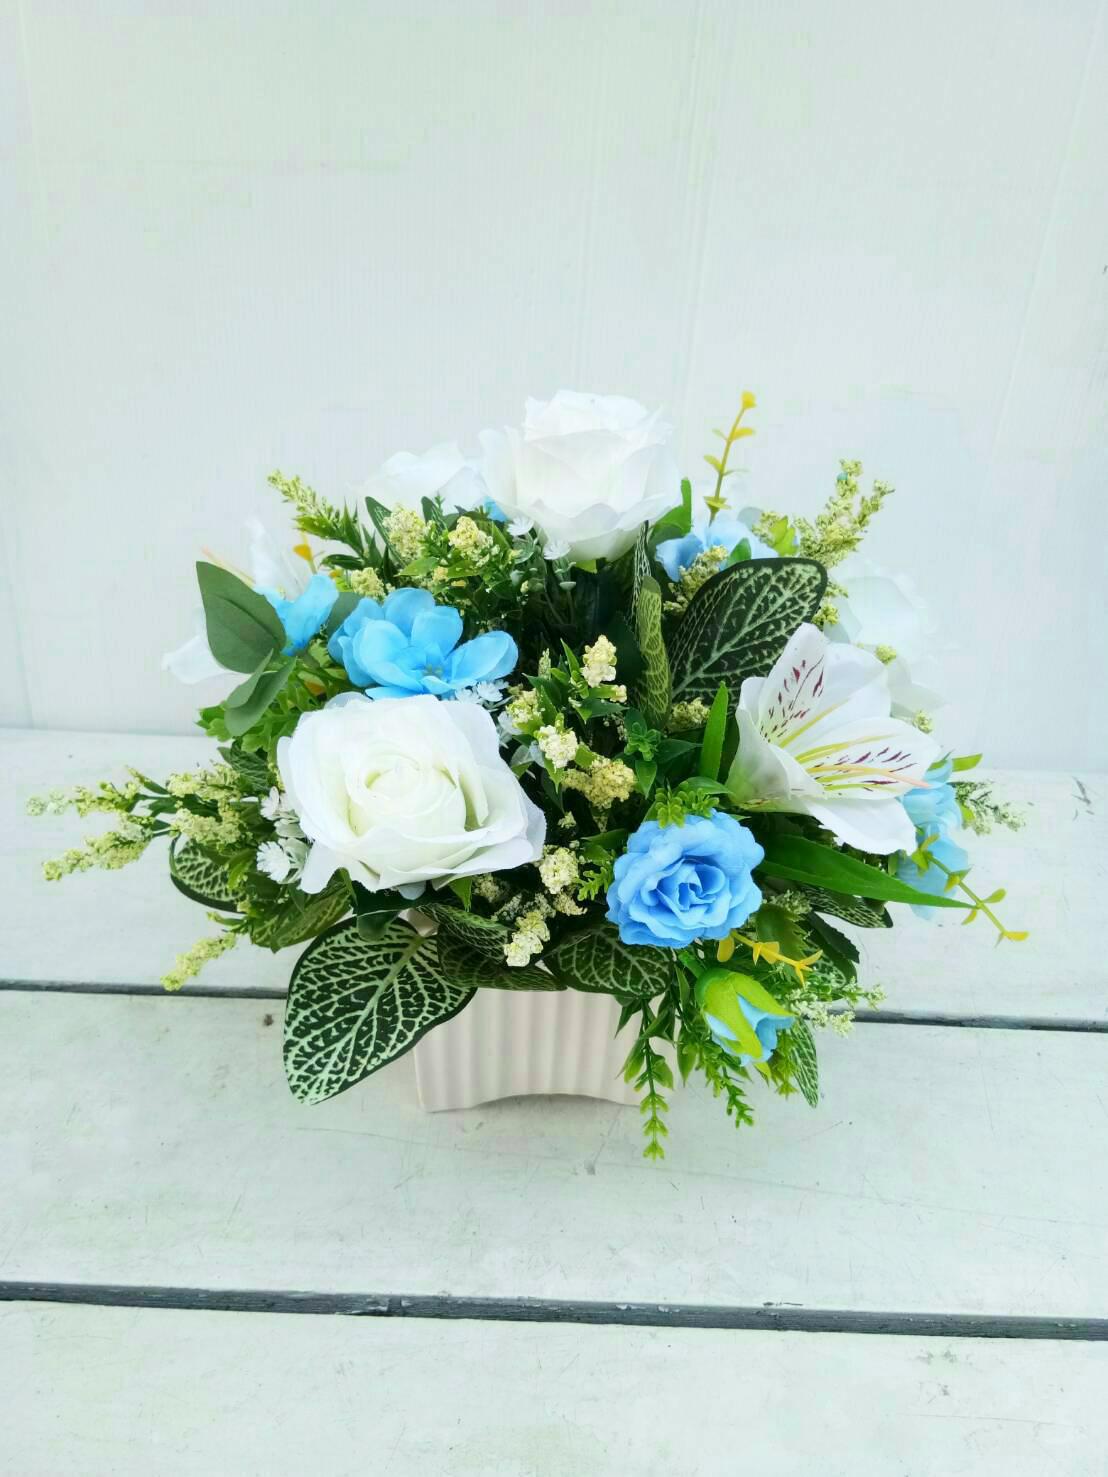 แจกันดอกไม้ประดิษฐ์โทนฟ้าขาว รหัส 4018